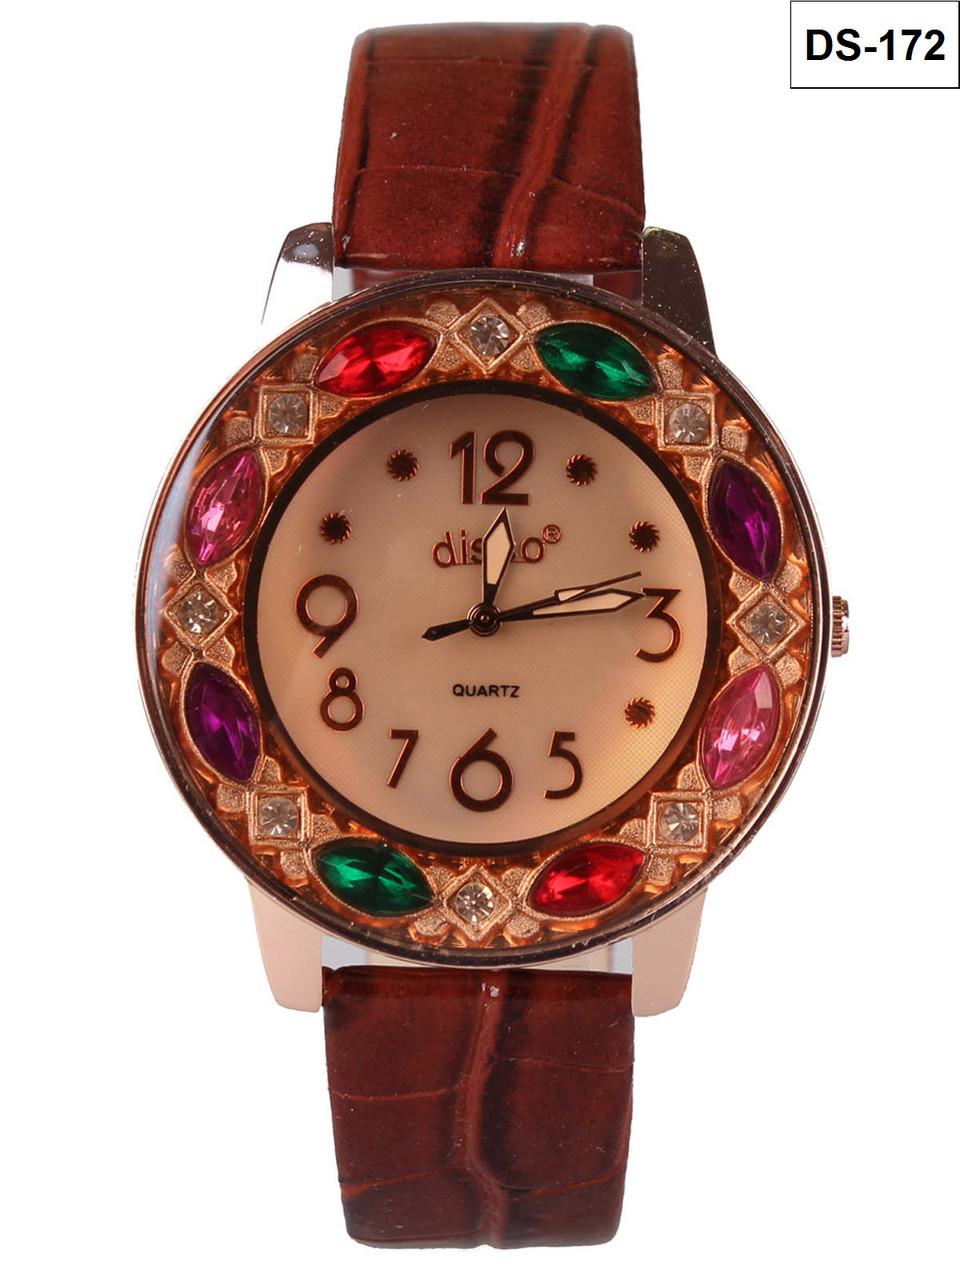 Жіночий наручний годинник Disco DS-172 2f2bb1d1d9a82